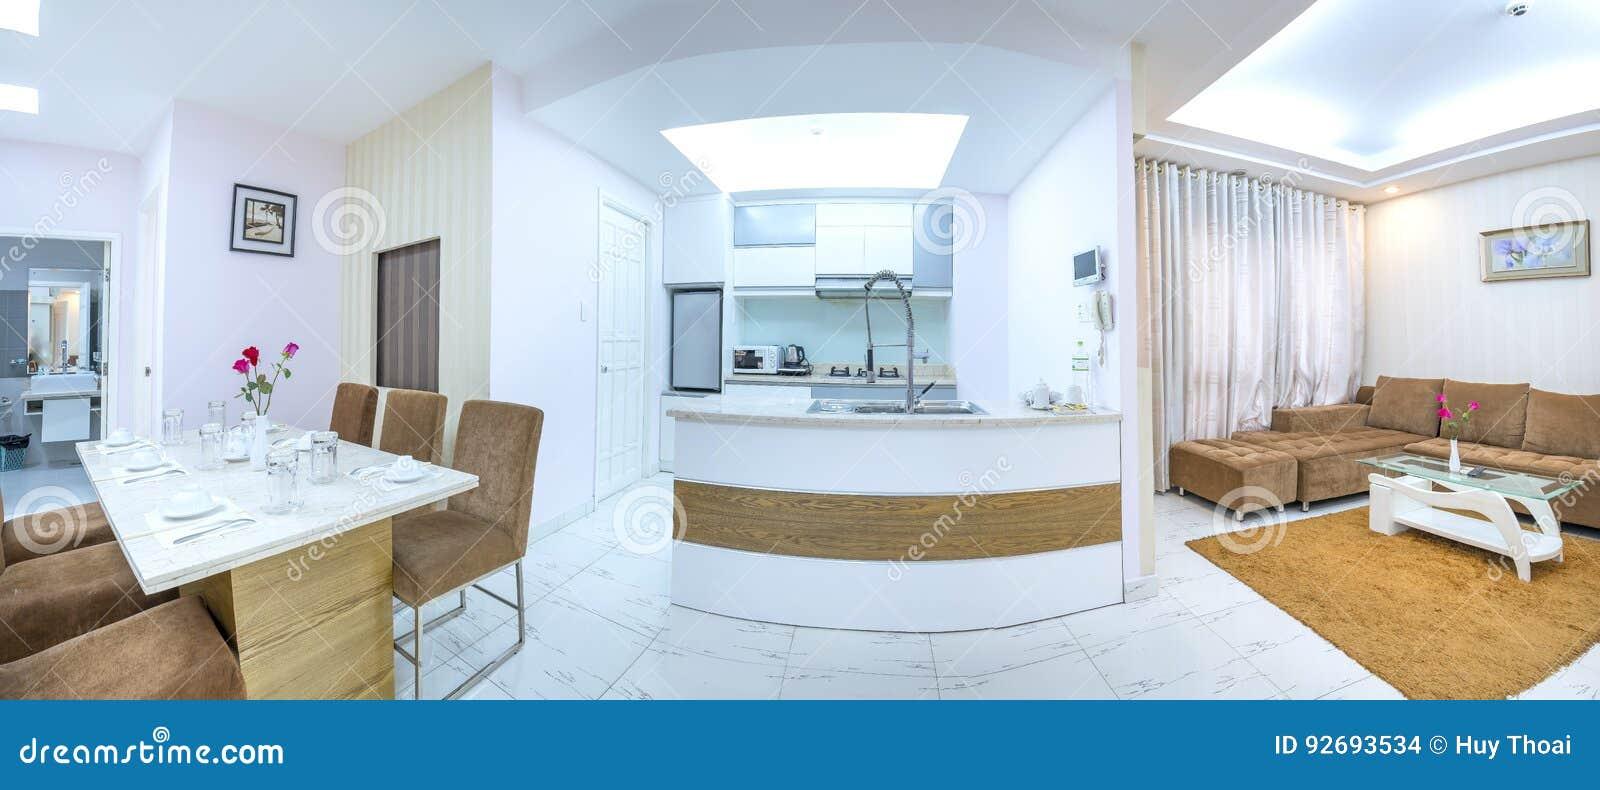 Moderne Artwohnung Kombiniert Wohnzimmer, Esszimmer, Großer Raum ...